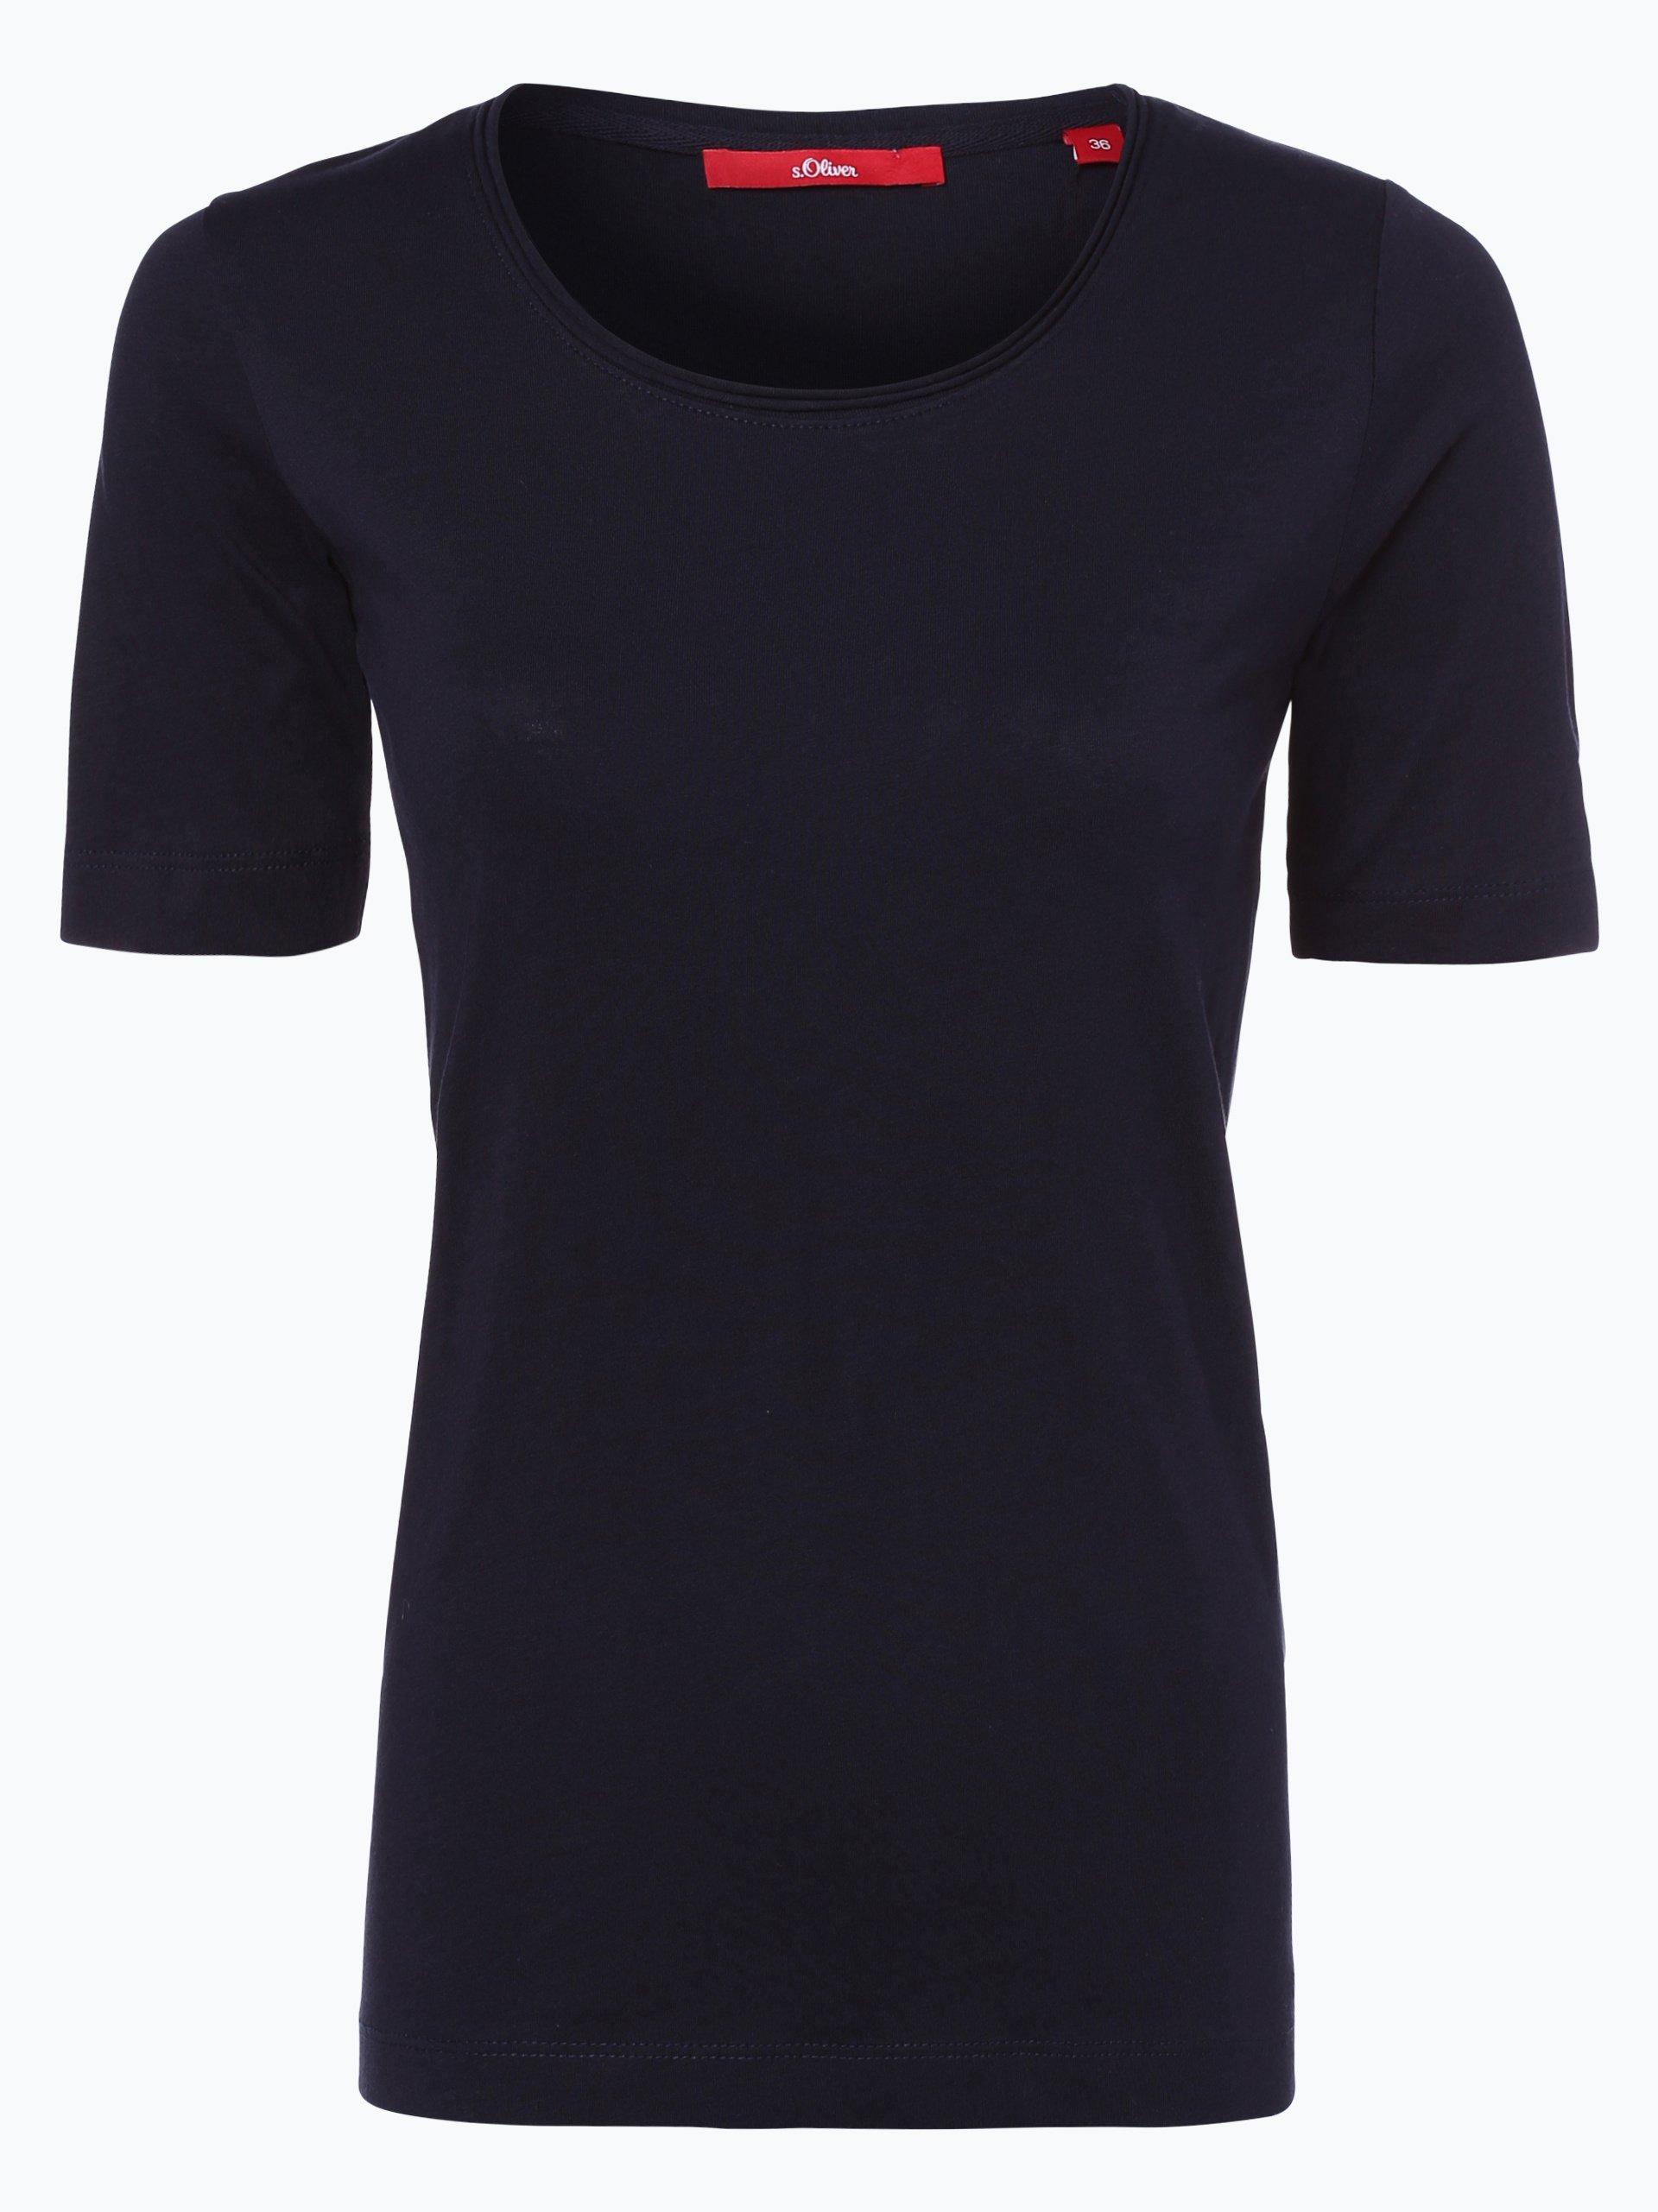 s oliver casual damen t shirt marine uni online kaufen. Black Bedroom Furniture Sets. Home Design Ideas